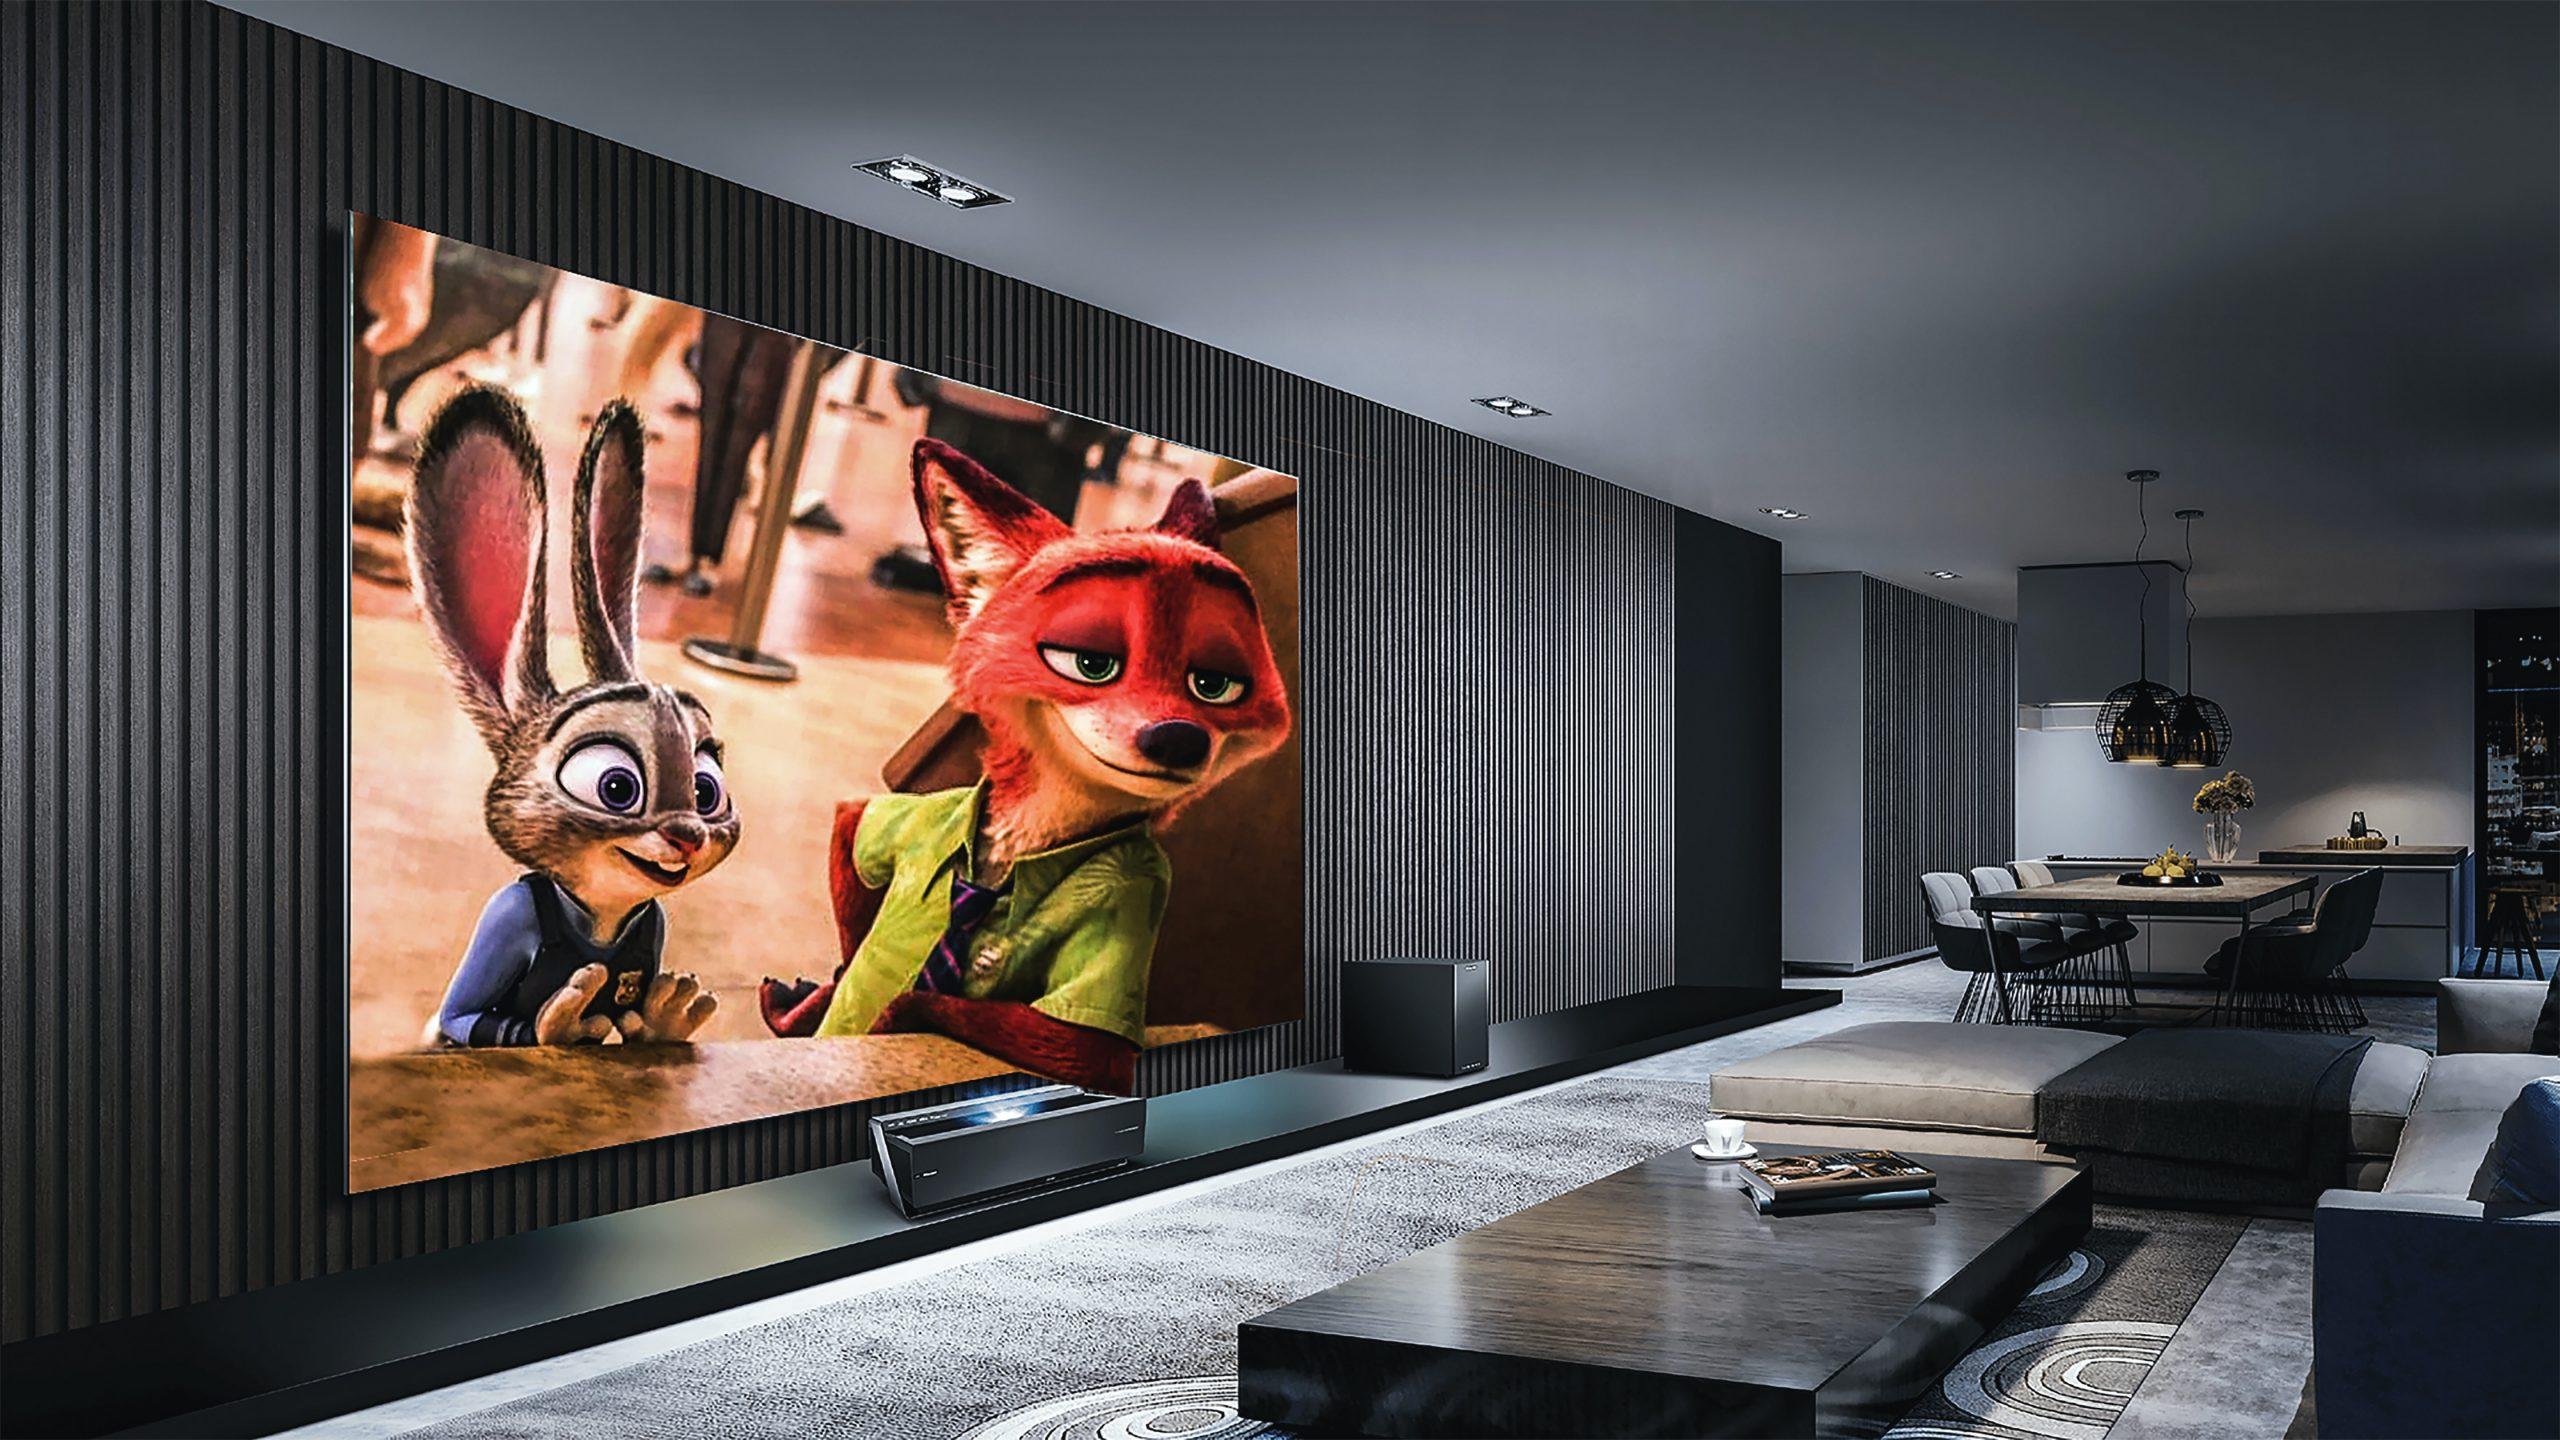 ¿Por qué cada vez más jóvenes eligen la animación 3D? - 832-crlb-foto-3-scaled